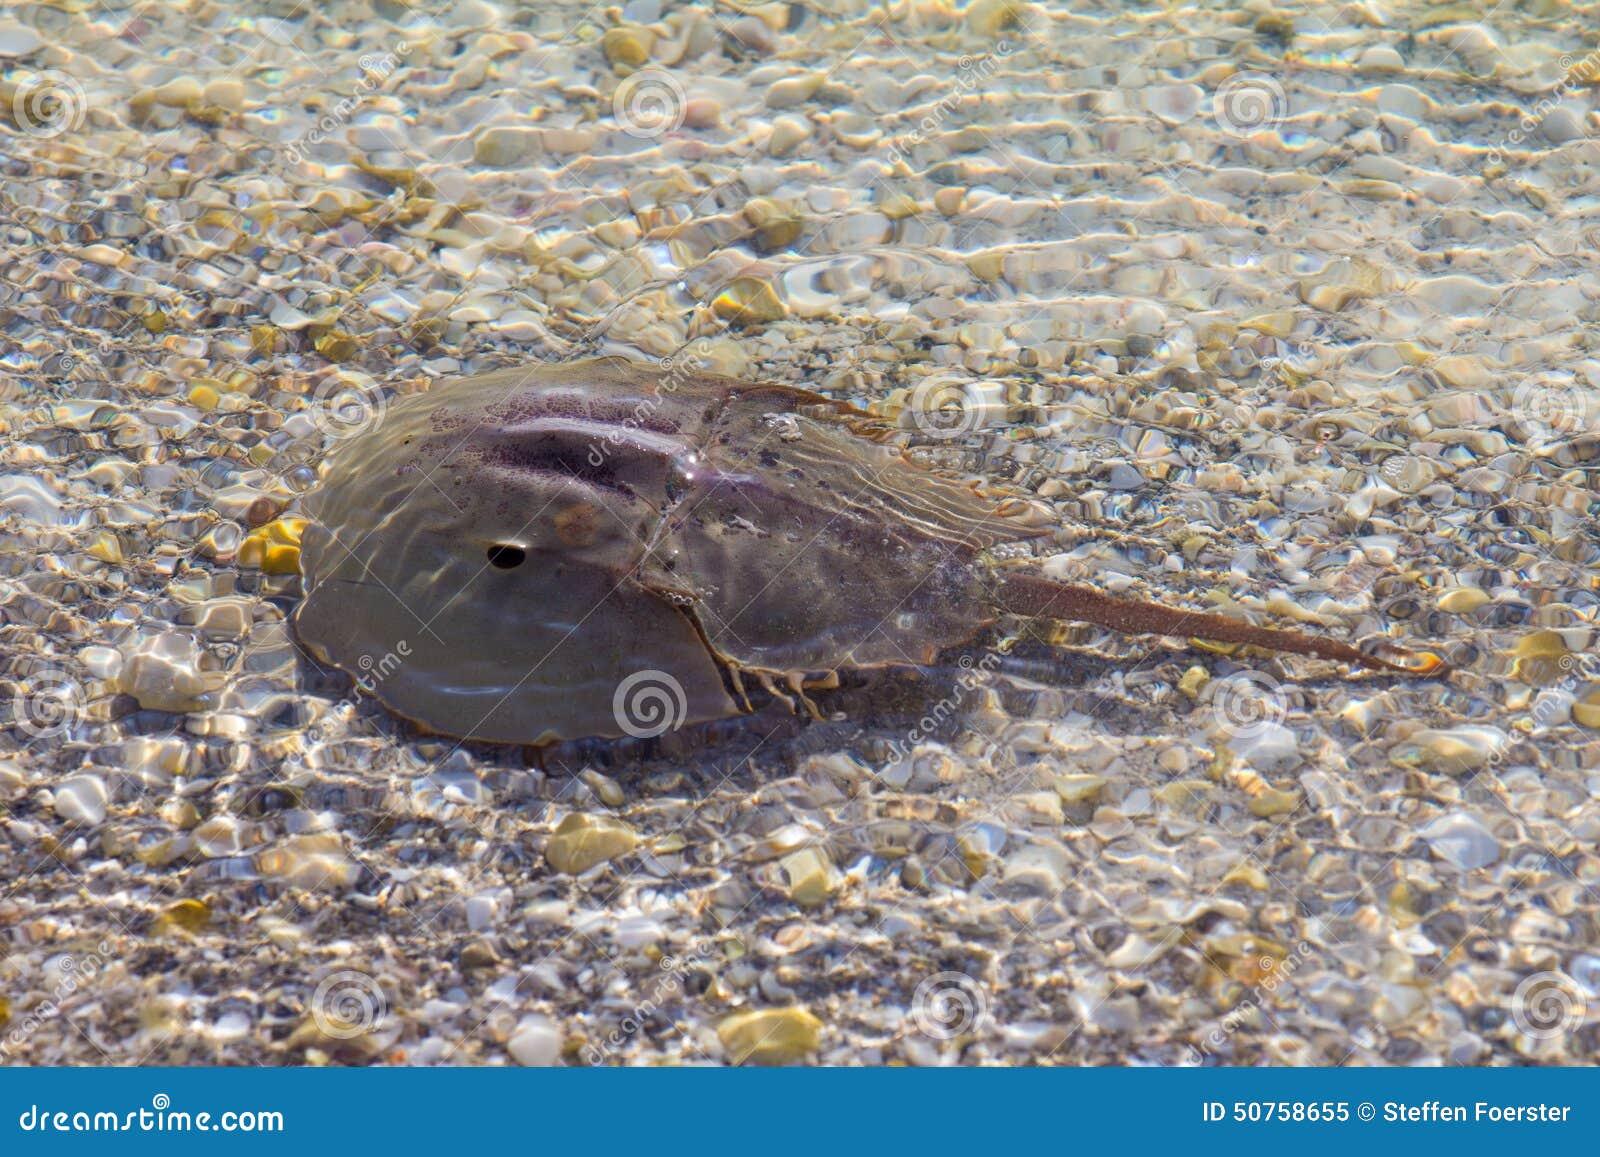 Hoefijzerkrab in ondiep water